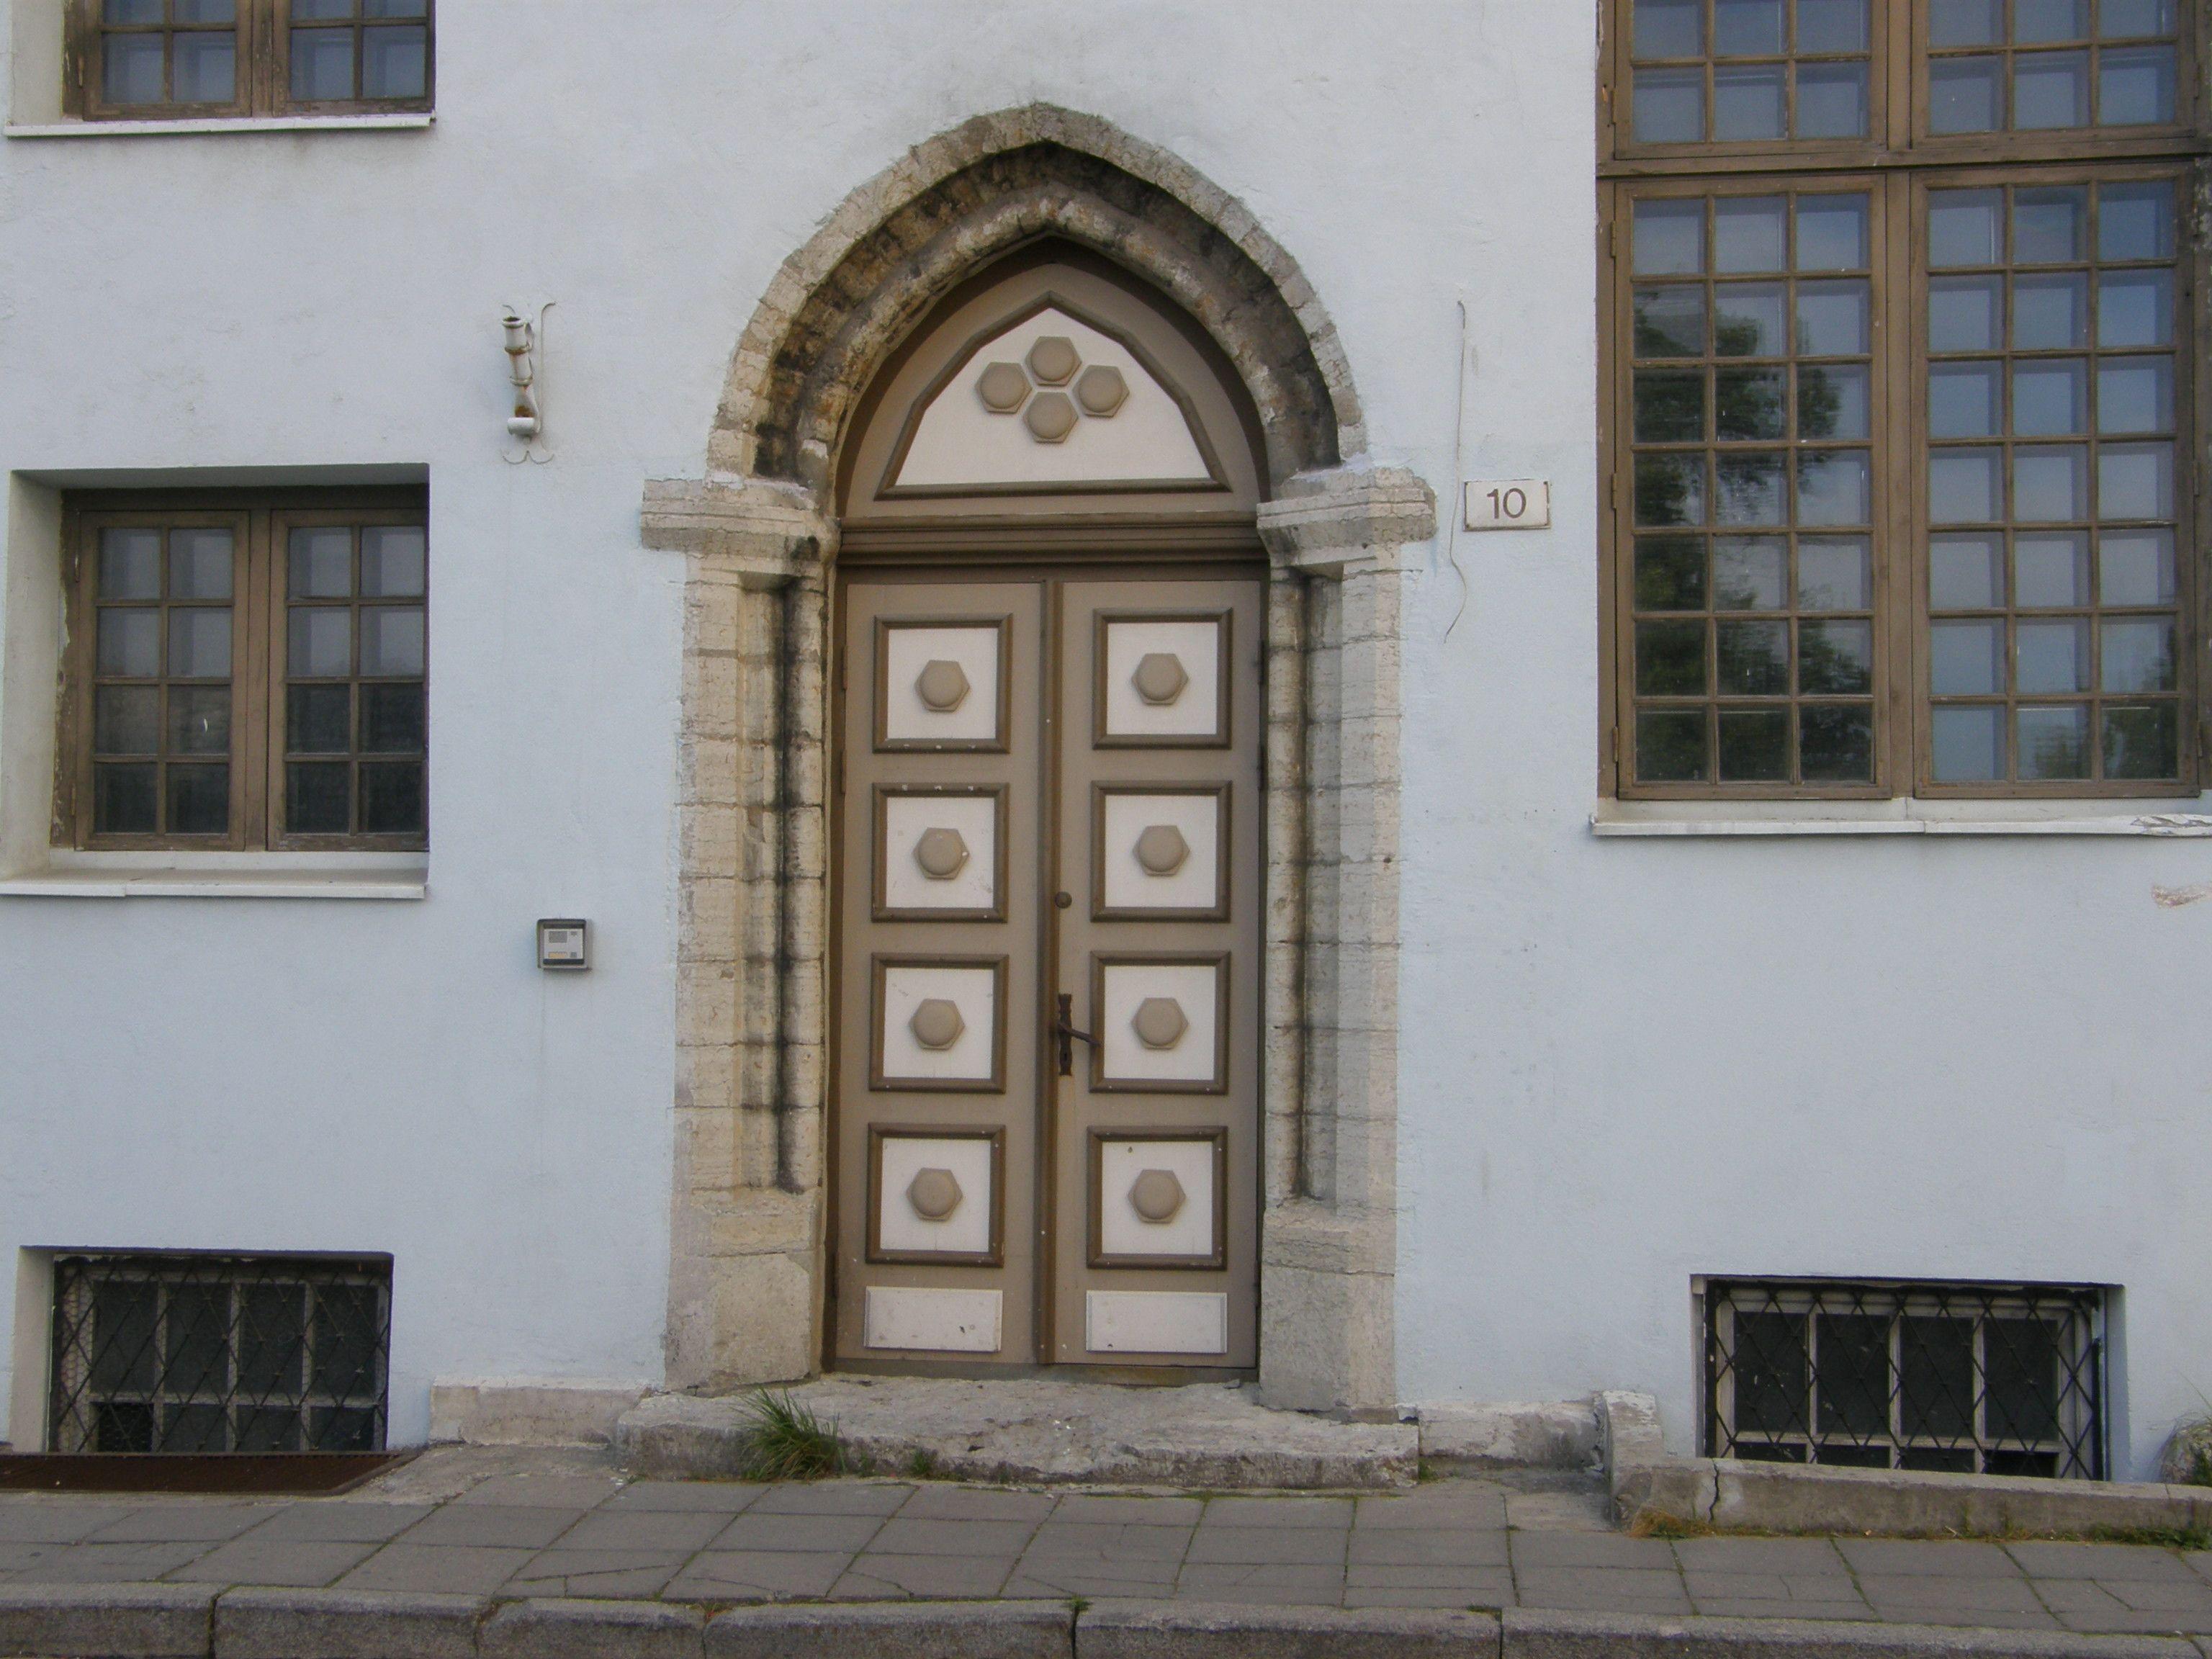 Rüütli Street Tallinn Estonia & Rüütli Street Tallinn Estonia | Uksed I/ doors I | Pinterest